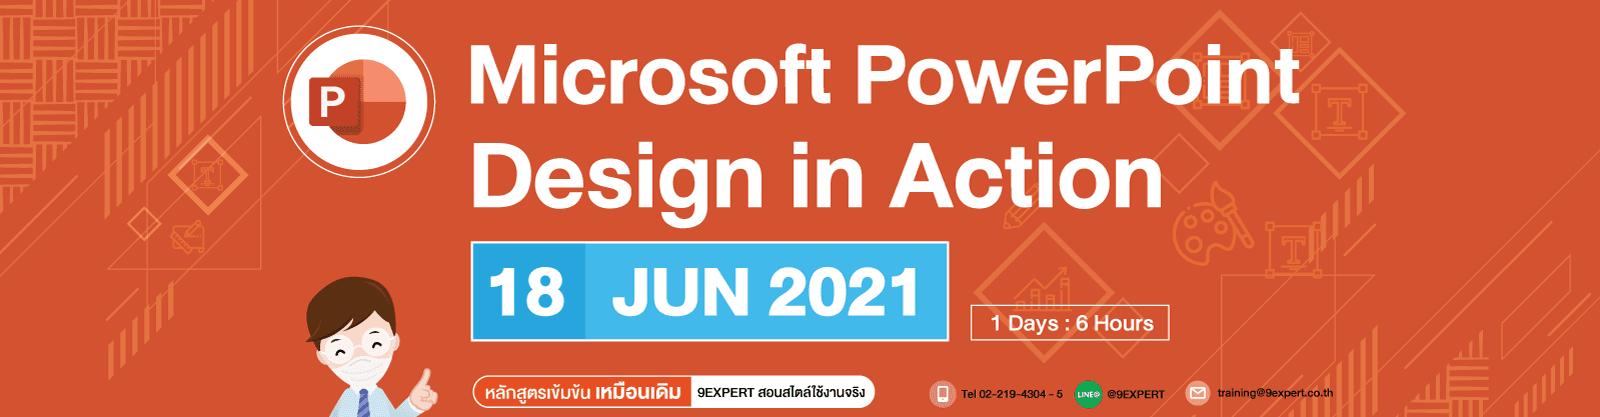 หลักสูตร Microsoft PowerPoint Design in Action (1day) 18 มิถุนายน 2564